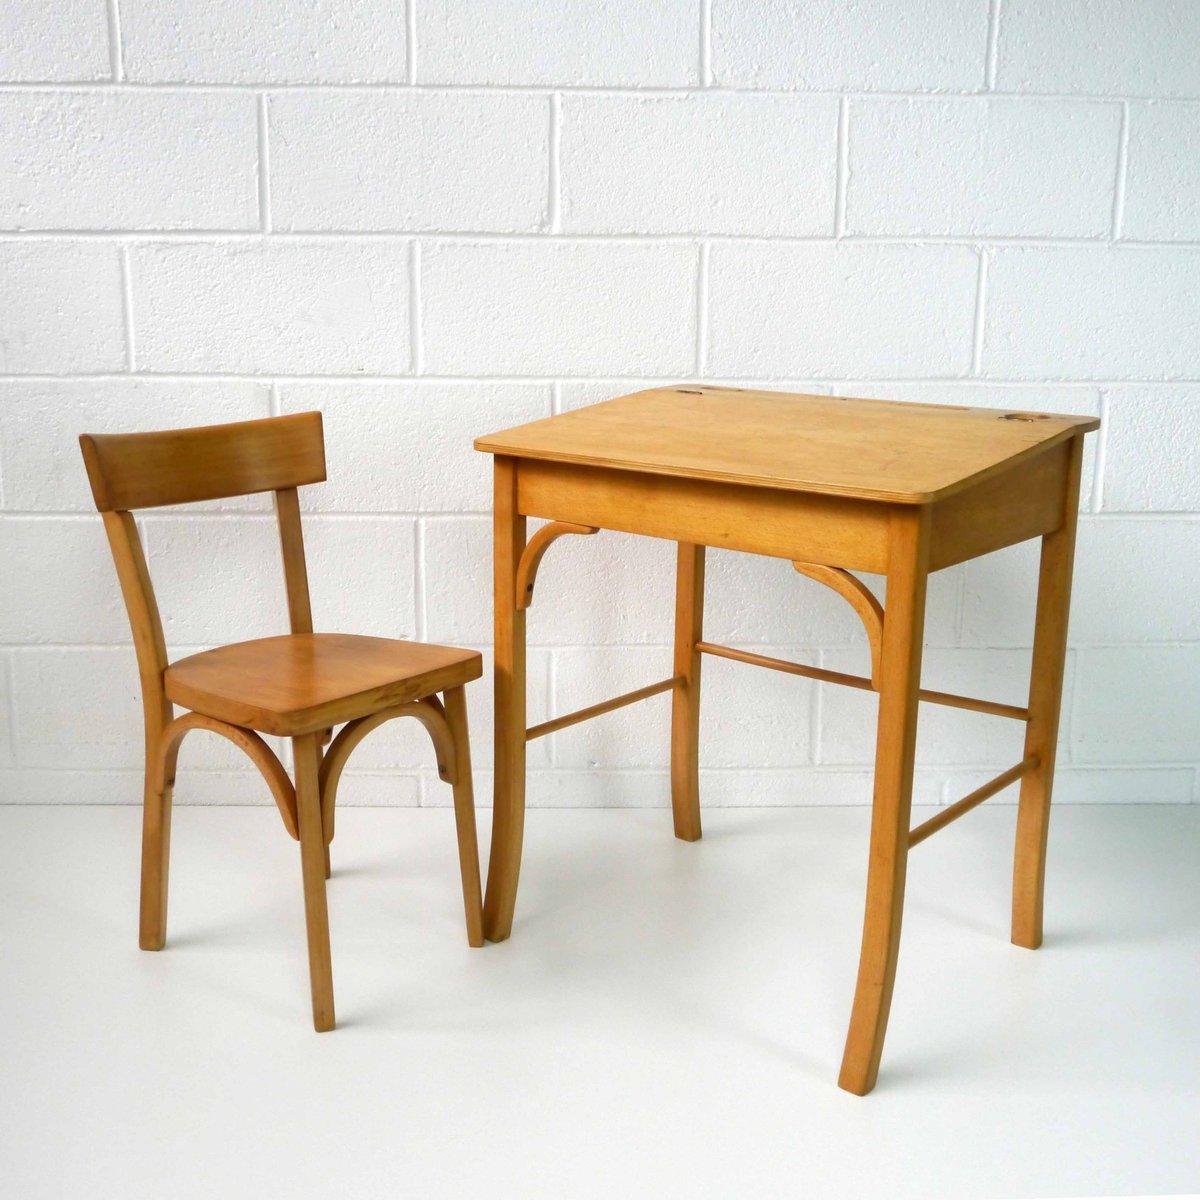 kinder schreibtisch mit stuhl von baumann 1960er bei pamono kaufen. Black Bedroom Furniture Sets. Home Design Ideas